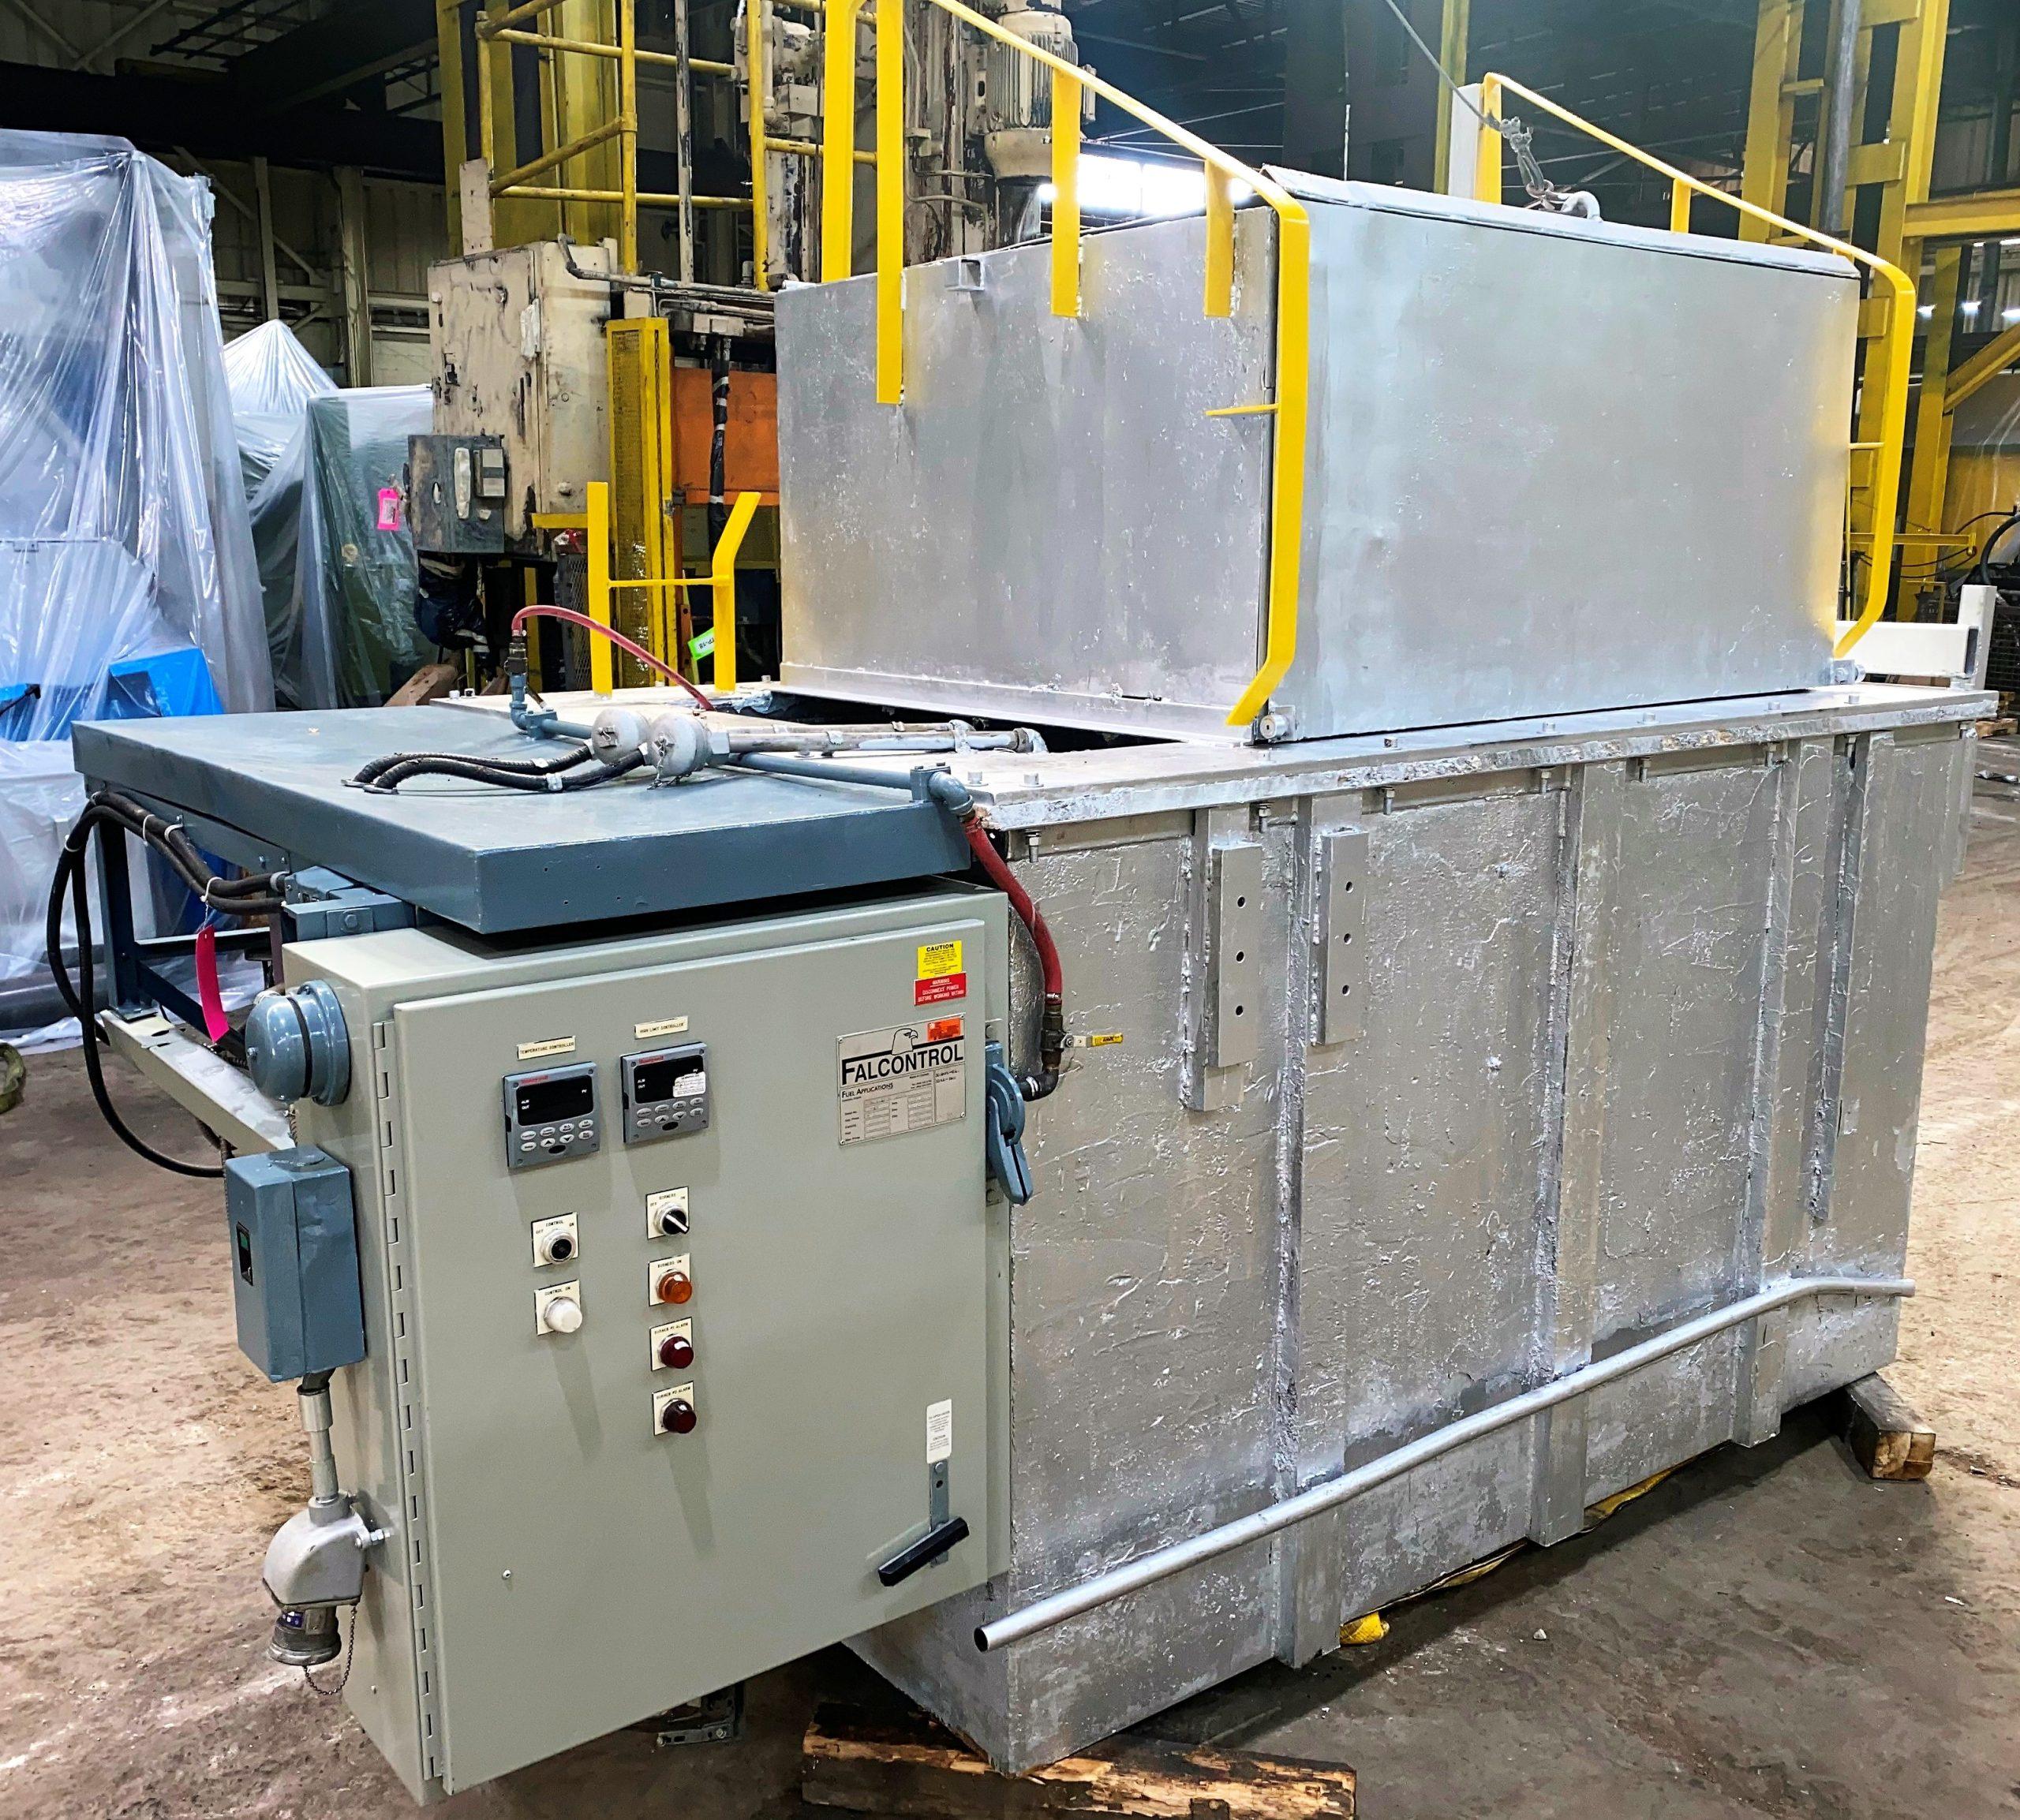 Used Falcontrol Zinc Gas Melting Furnace #4888